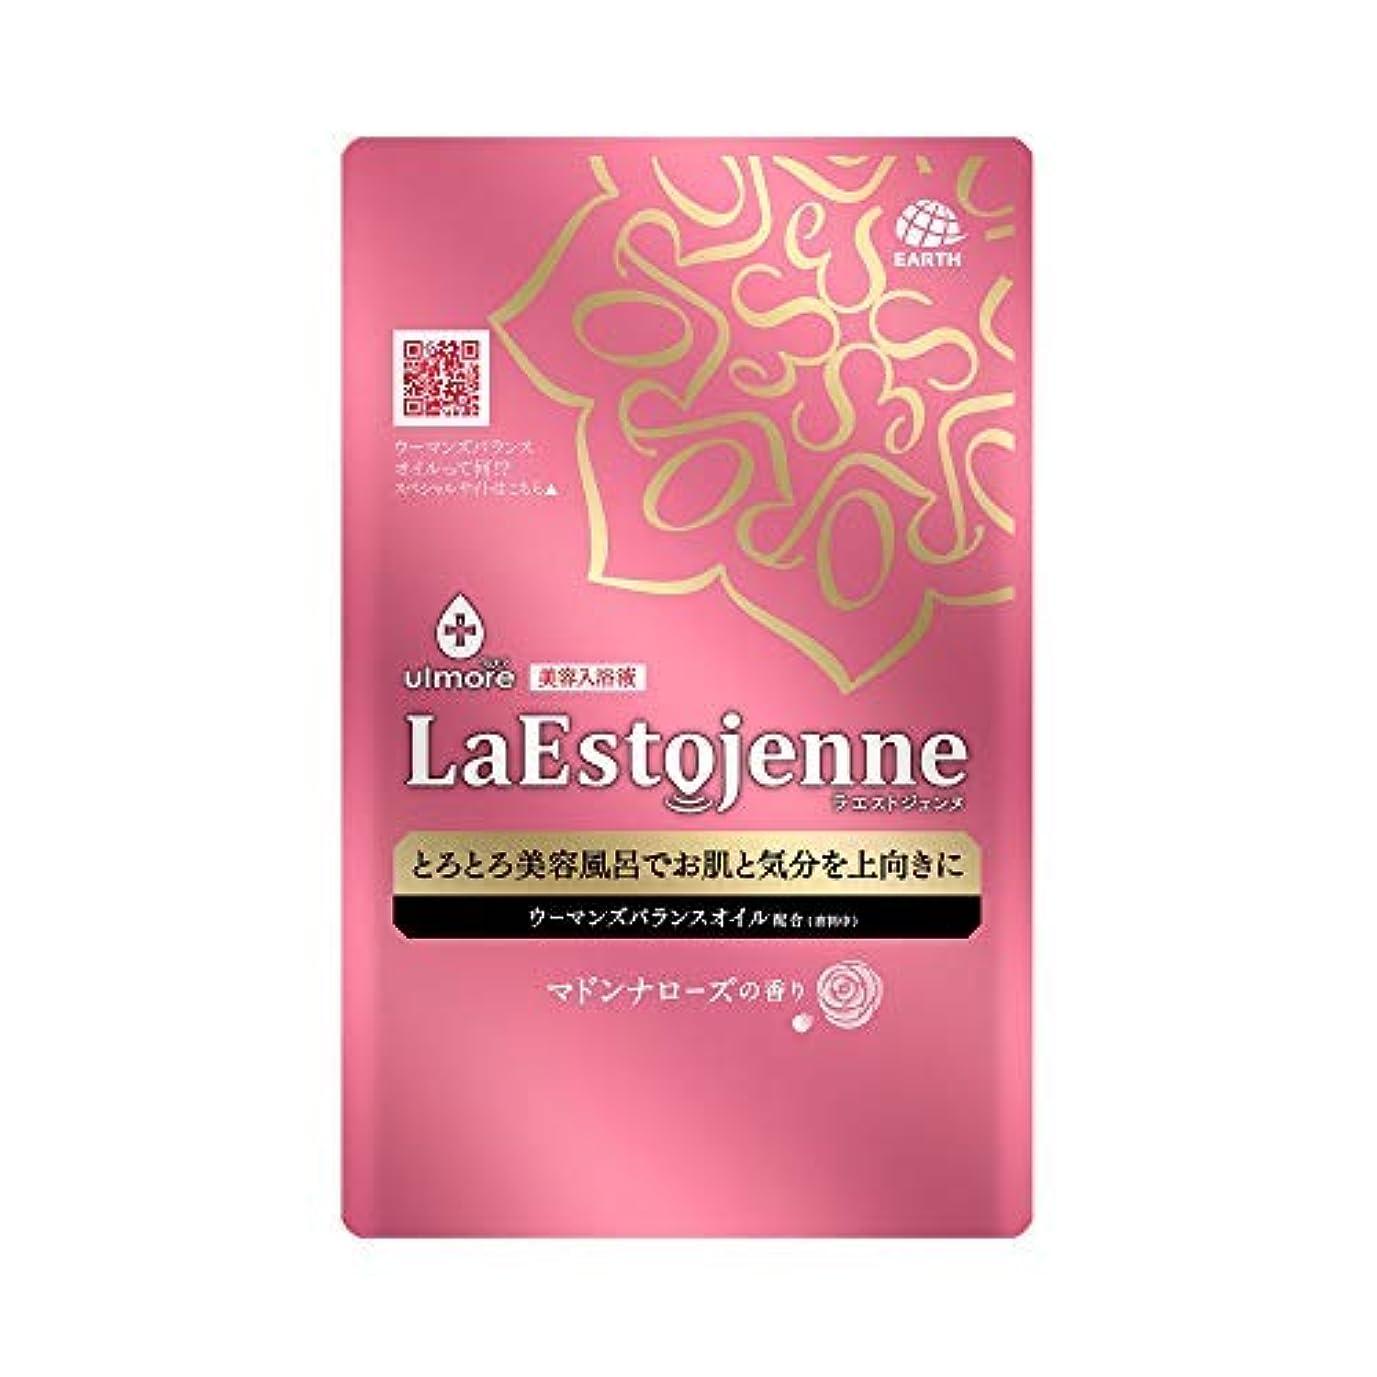 チョコレート懐受け継ぐウルモア ラエストジェンヌ マドンナローズの香り 1包 × 12個セット